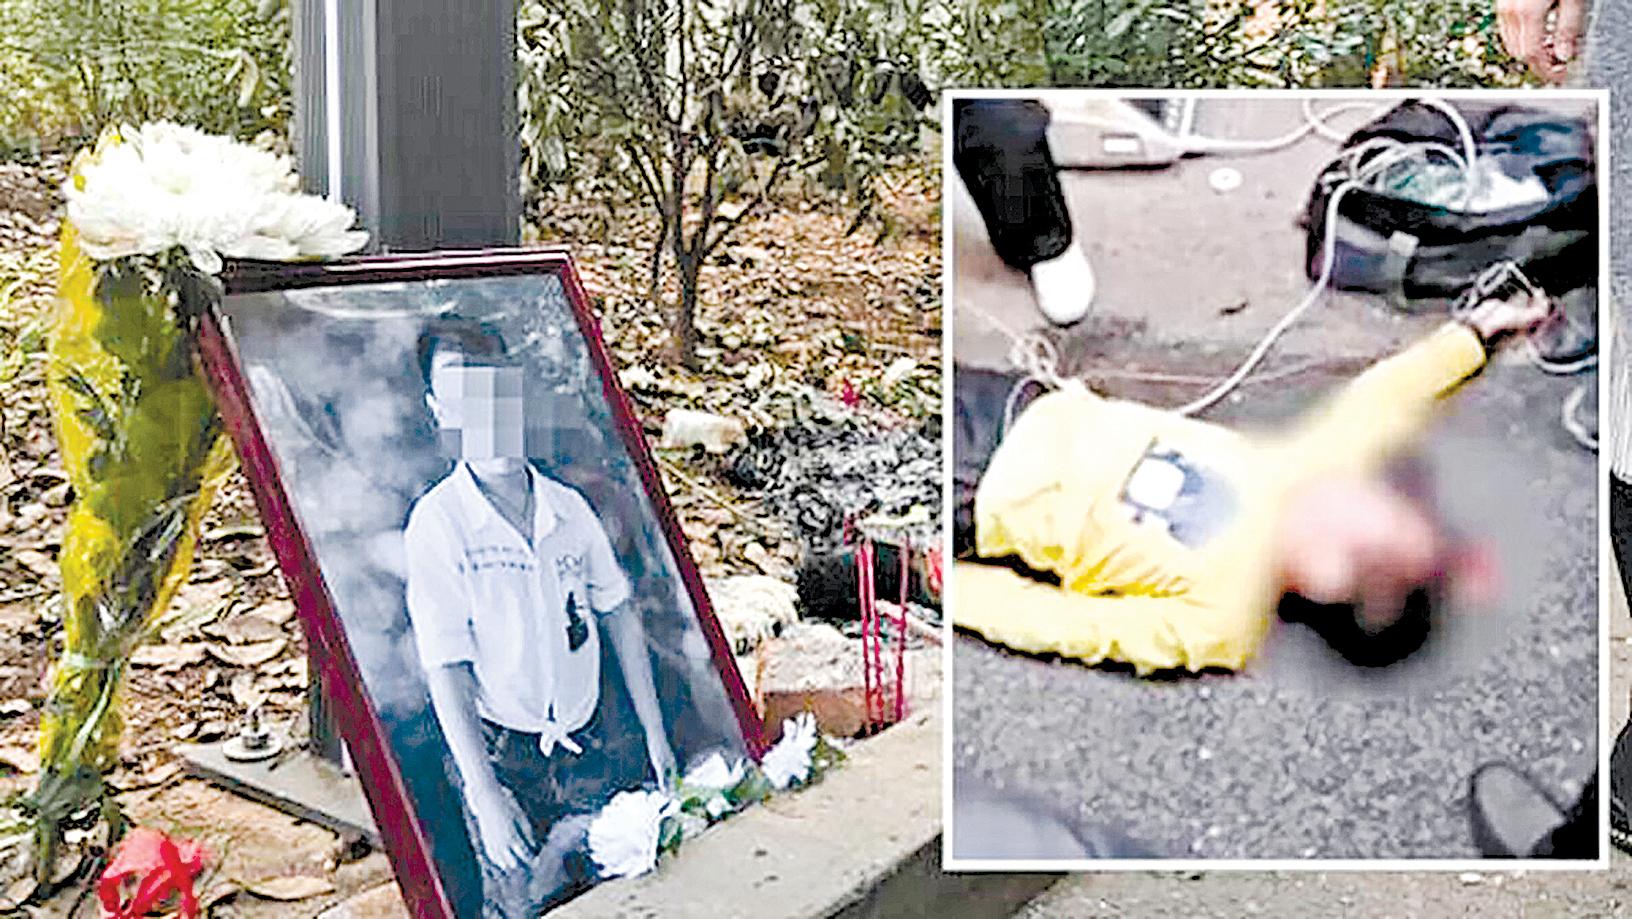 日前,湖南長沙9歲男童羅棋在小區內遭一陌生男子殘忍毆打長達半個小時致死,過程中100多人圍觀,卻沒有一個人伸出援手。(合成圖片)